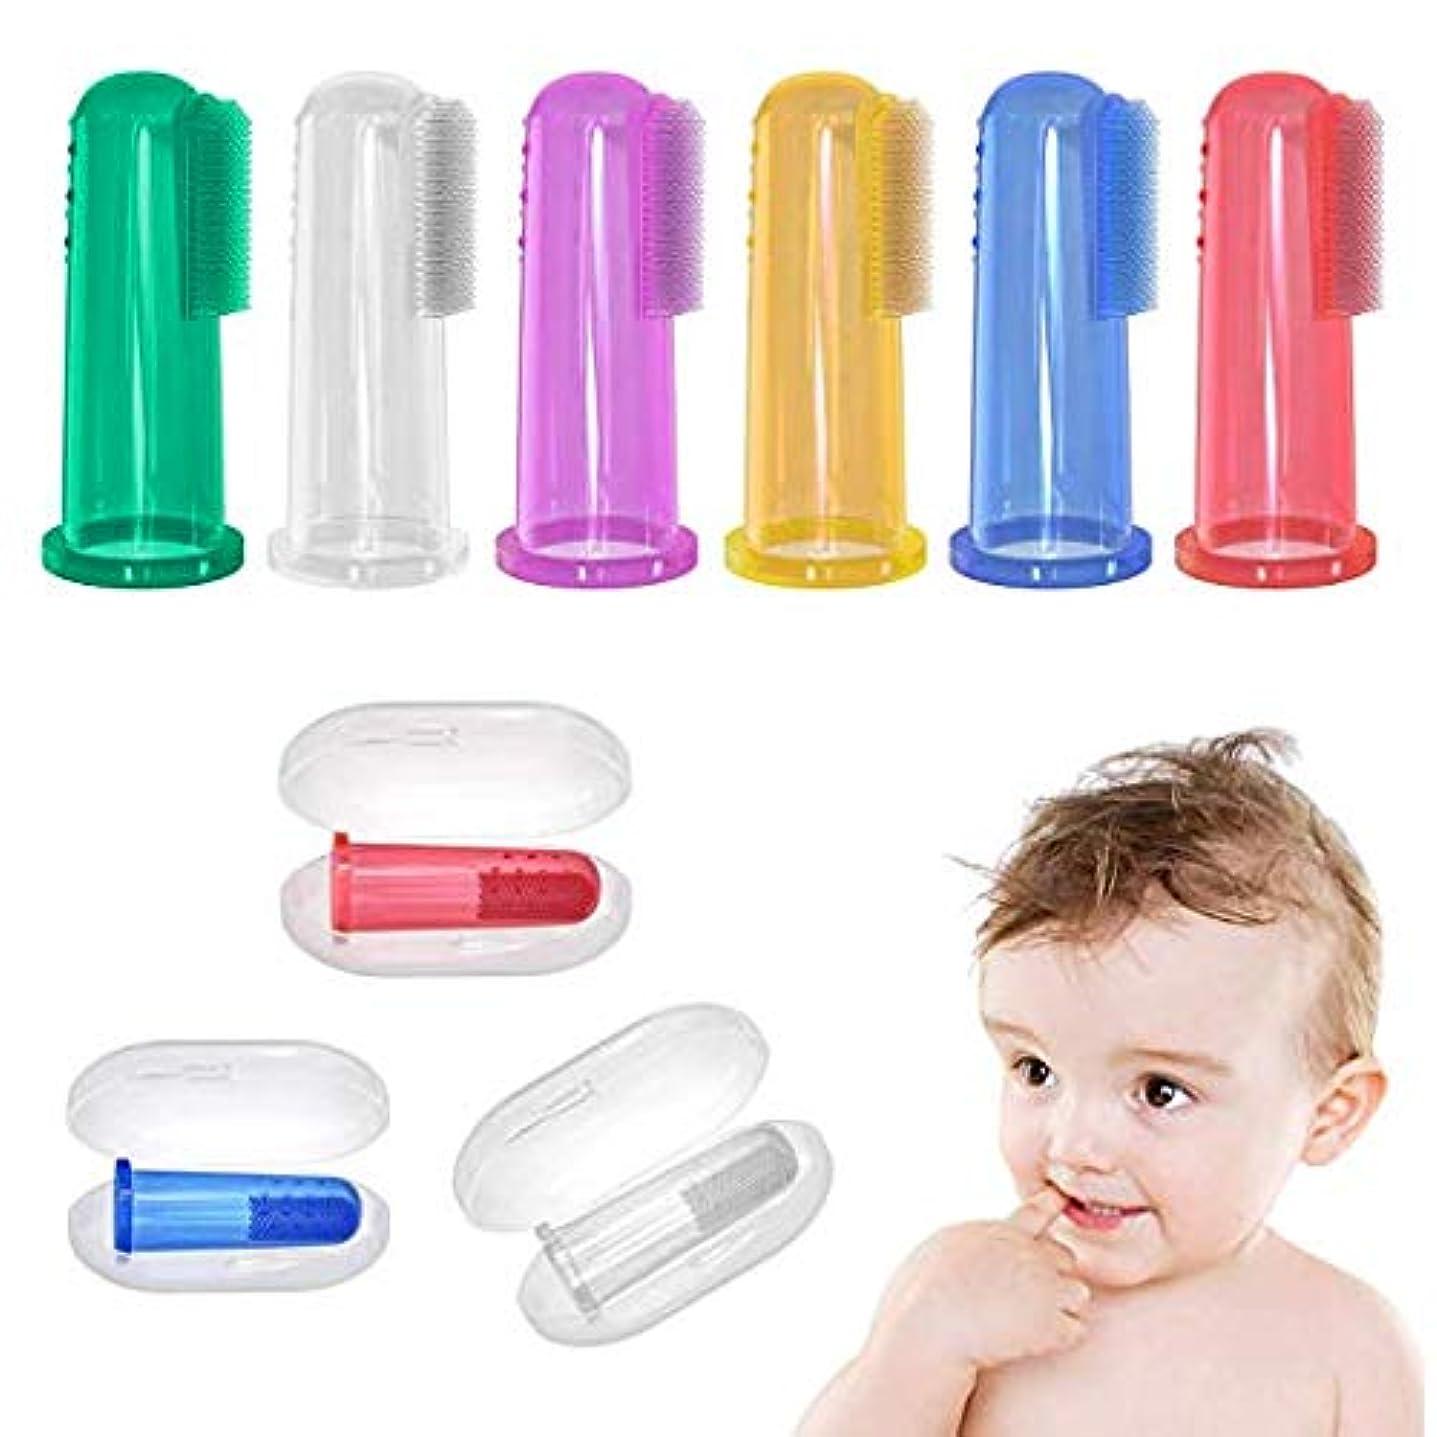 遮るミュージカル縫い目ケースセット付きベビー歯ブラシ(6 PCS)、赤ちゃん用フィンガー歯ブラシ